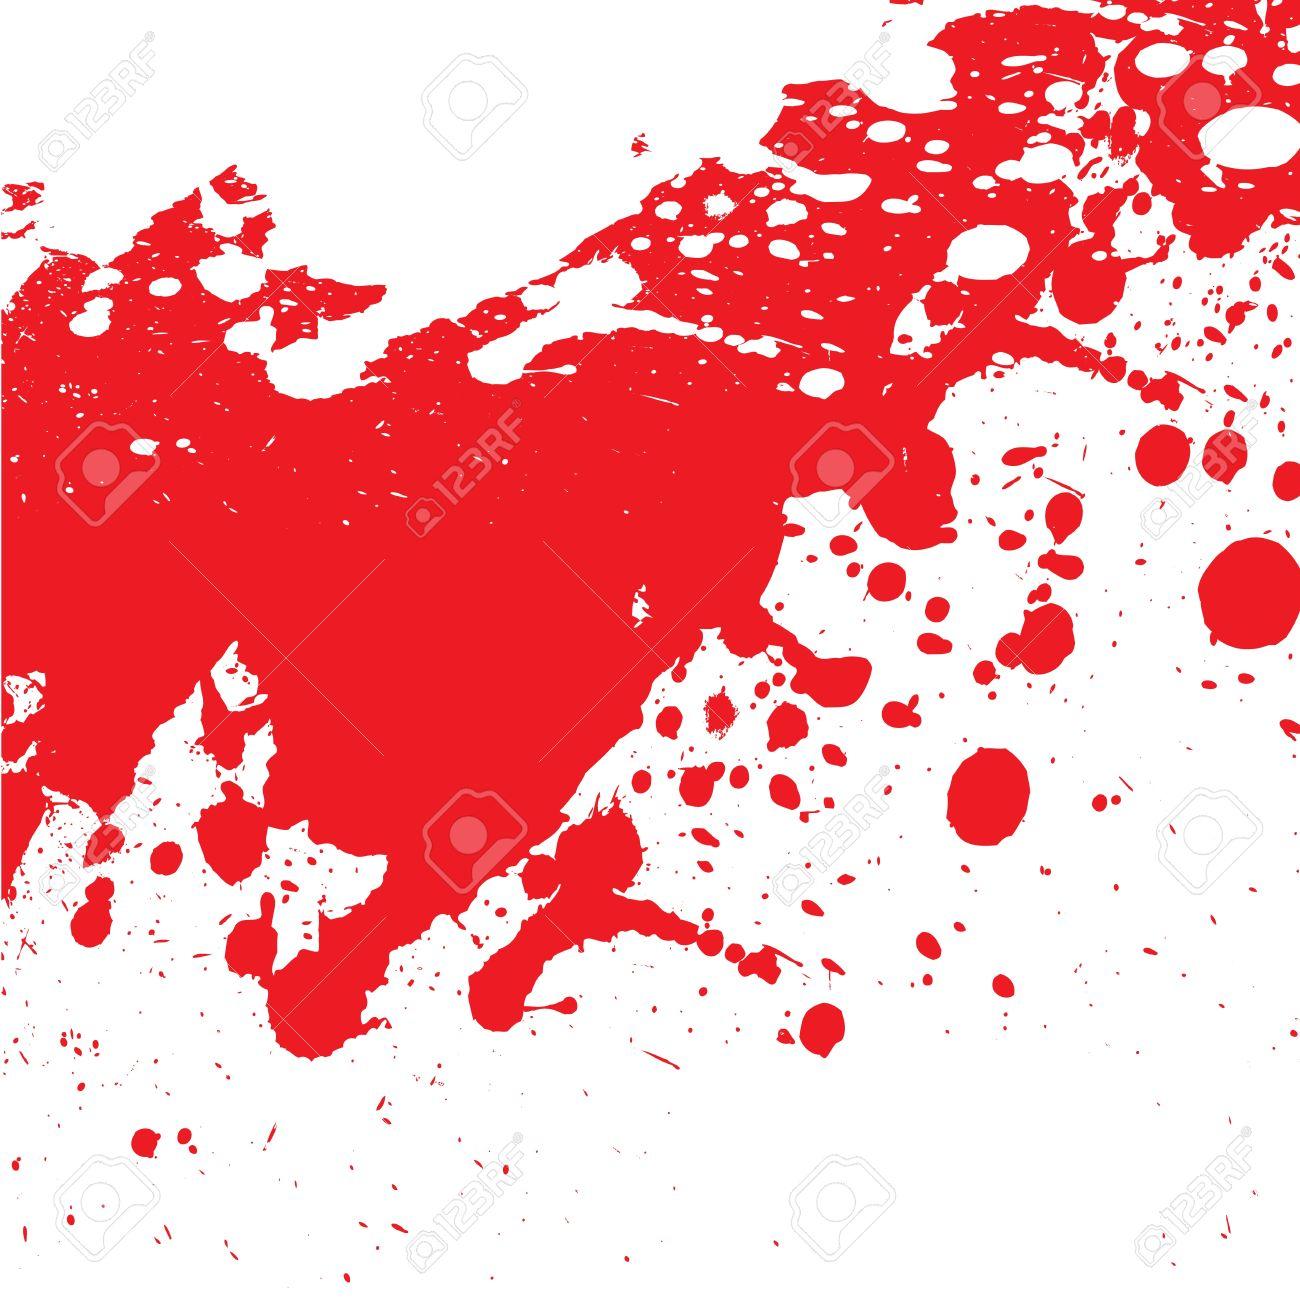 éclaboussure sanglante Banque d'images - 19275009